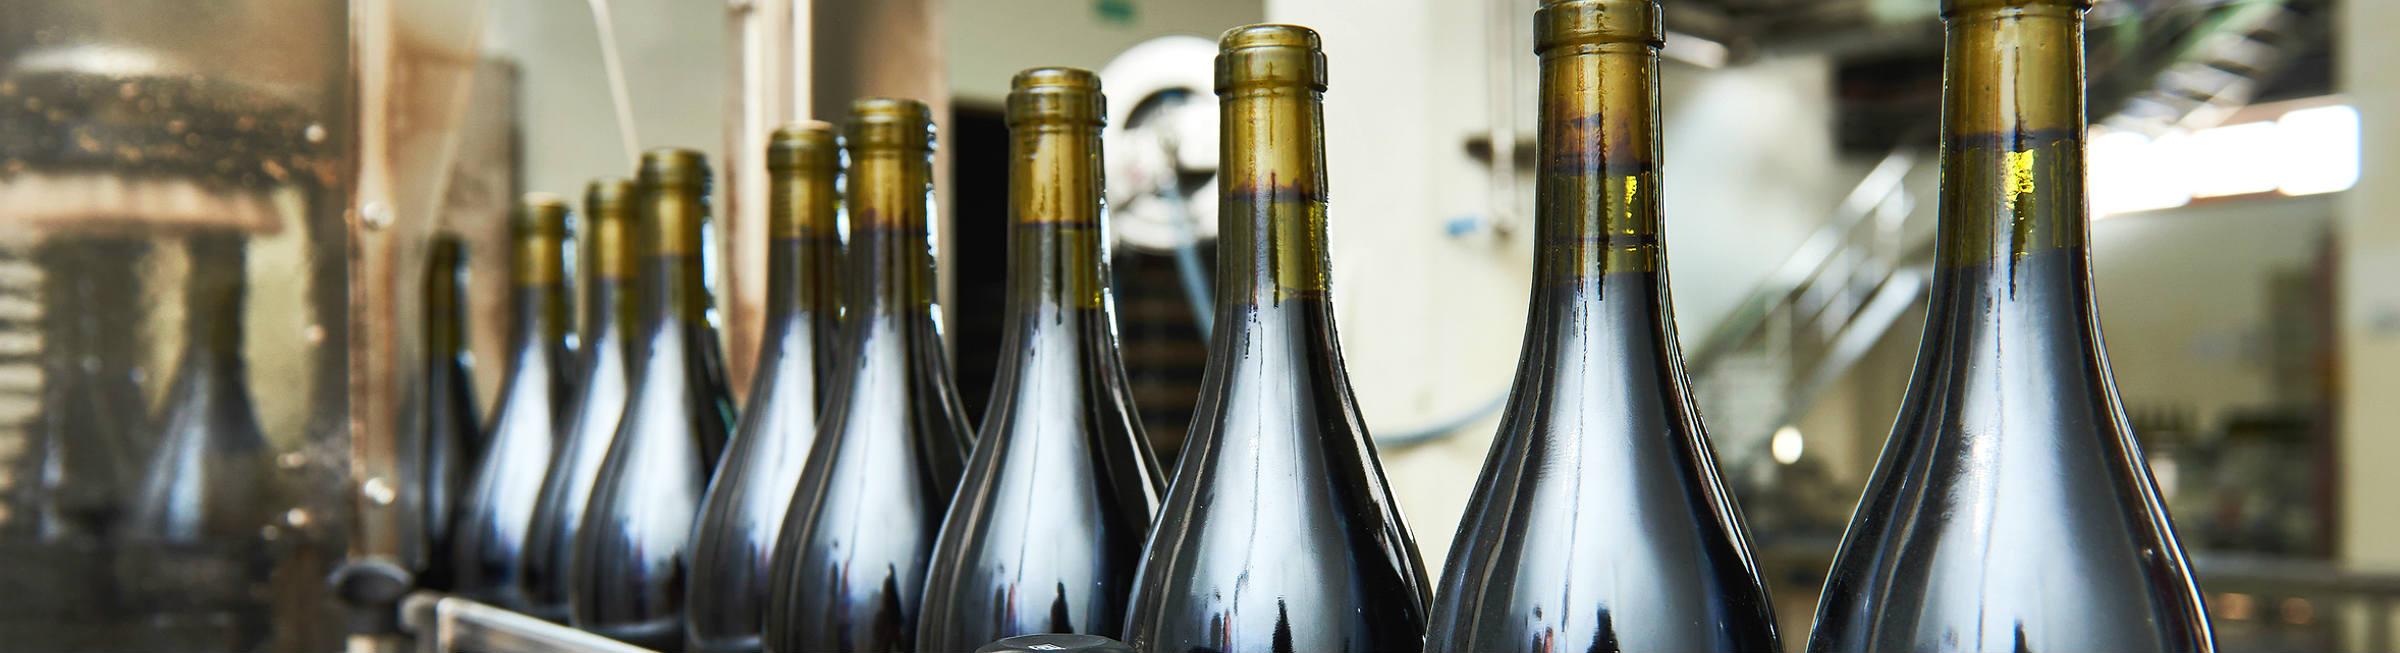 Vue d'une usine d'embouteillage de vins